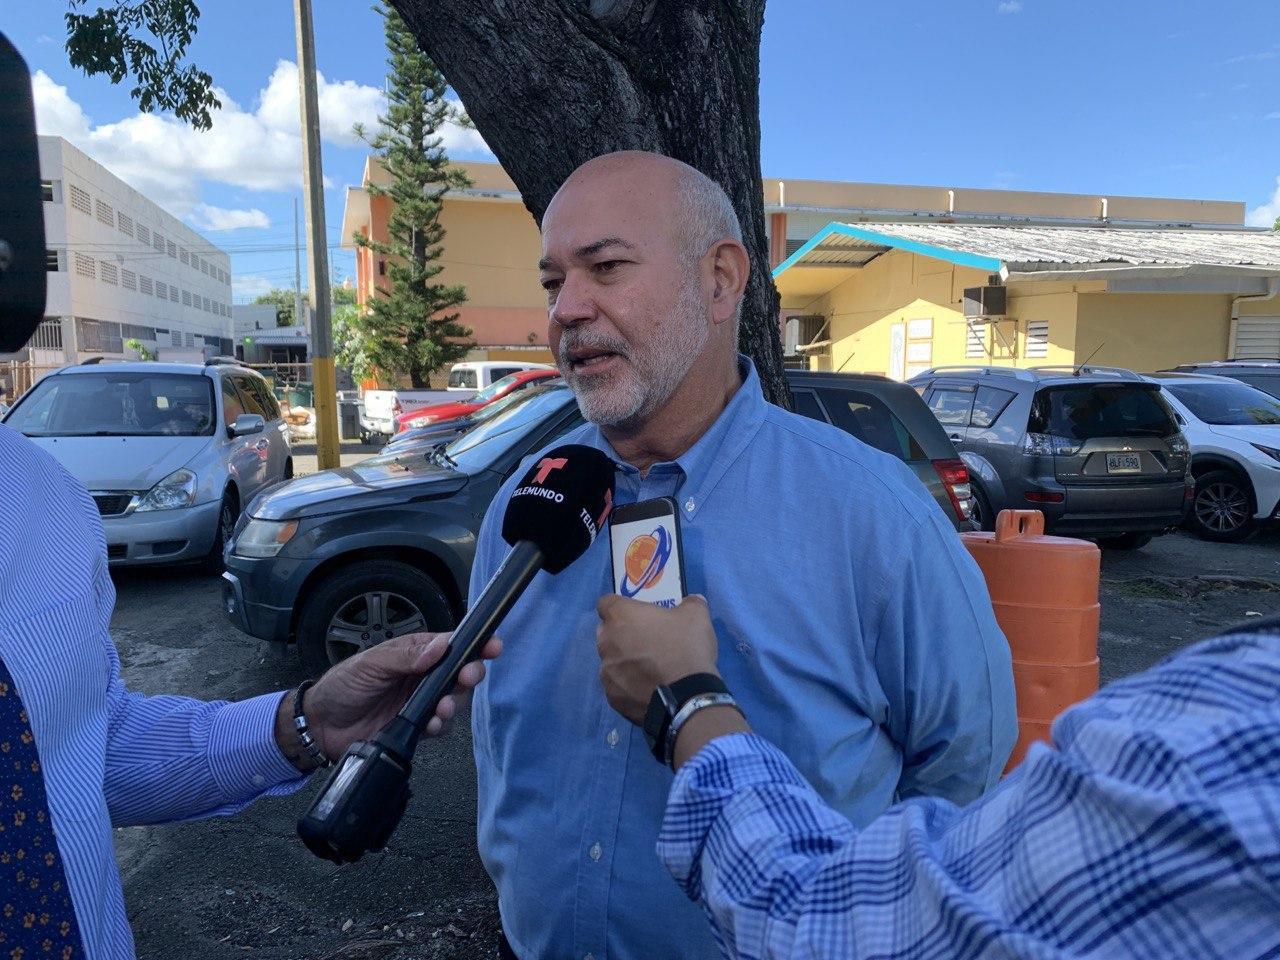 Sin los votos para ser confirmado designado contralor de Puerto Rico, según presidente cameral